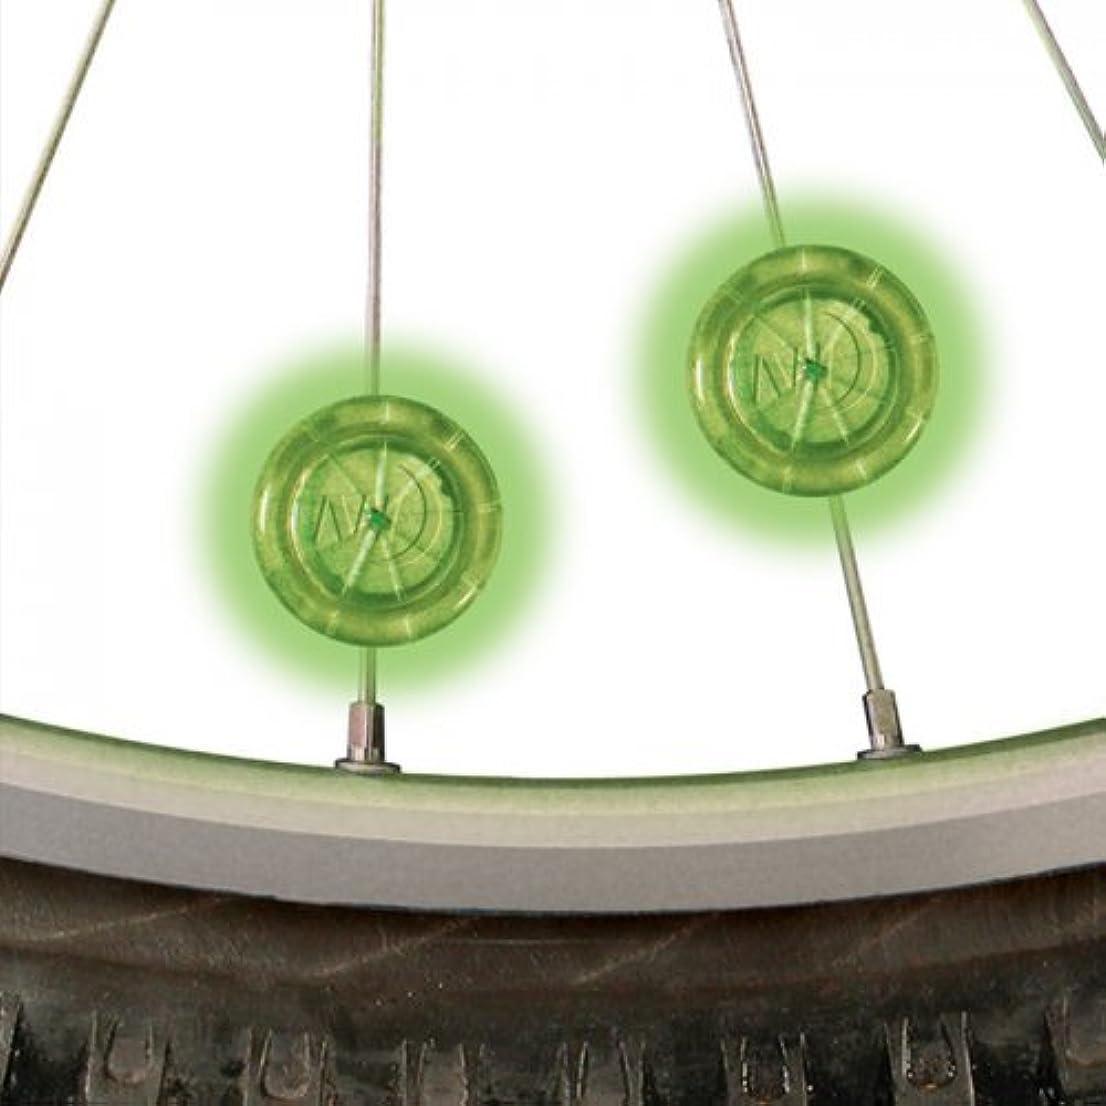 ロマンスを必要としています同等のNITE-IZE(ナイトアイズ) シーム ミニスポークライト 2P グリーン